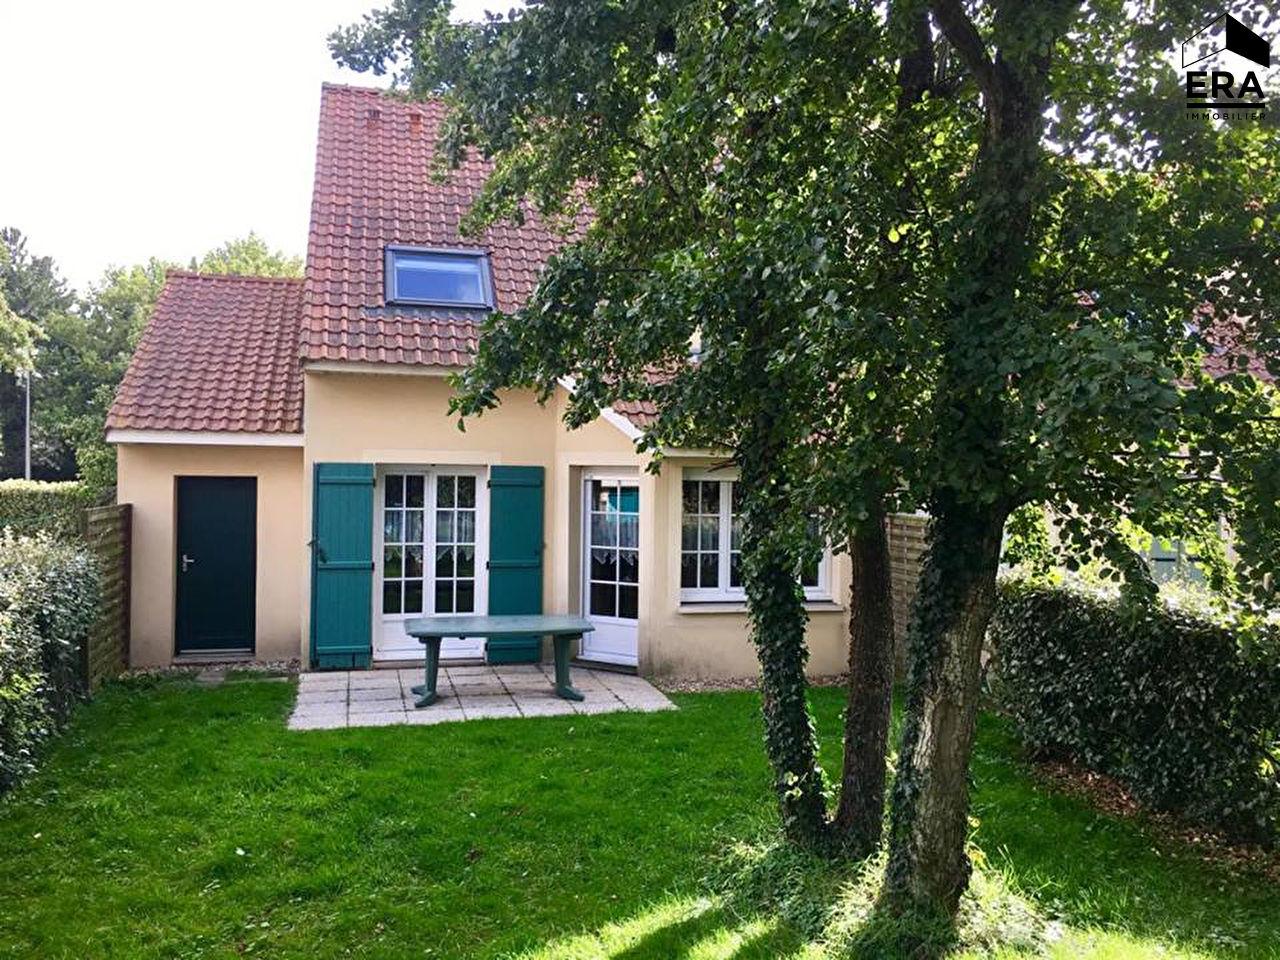 Vente maison appartement bray dunes 59123 sur le partenaire for Vente maison appartement